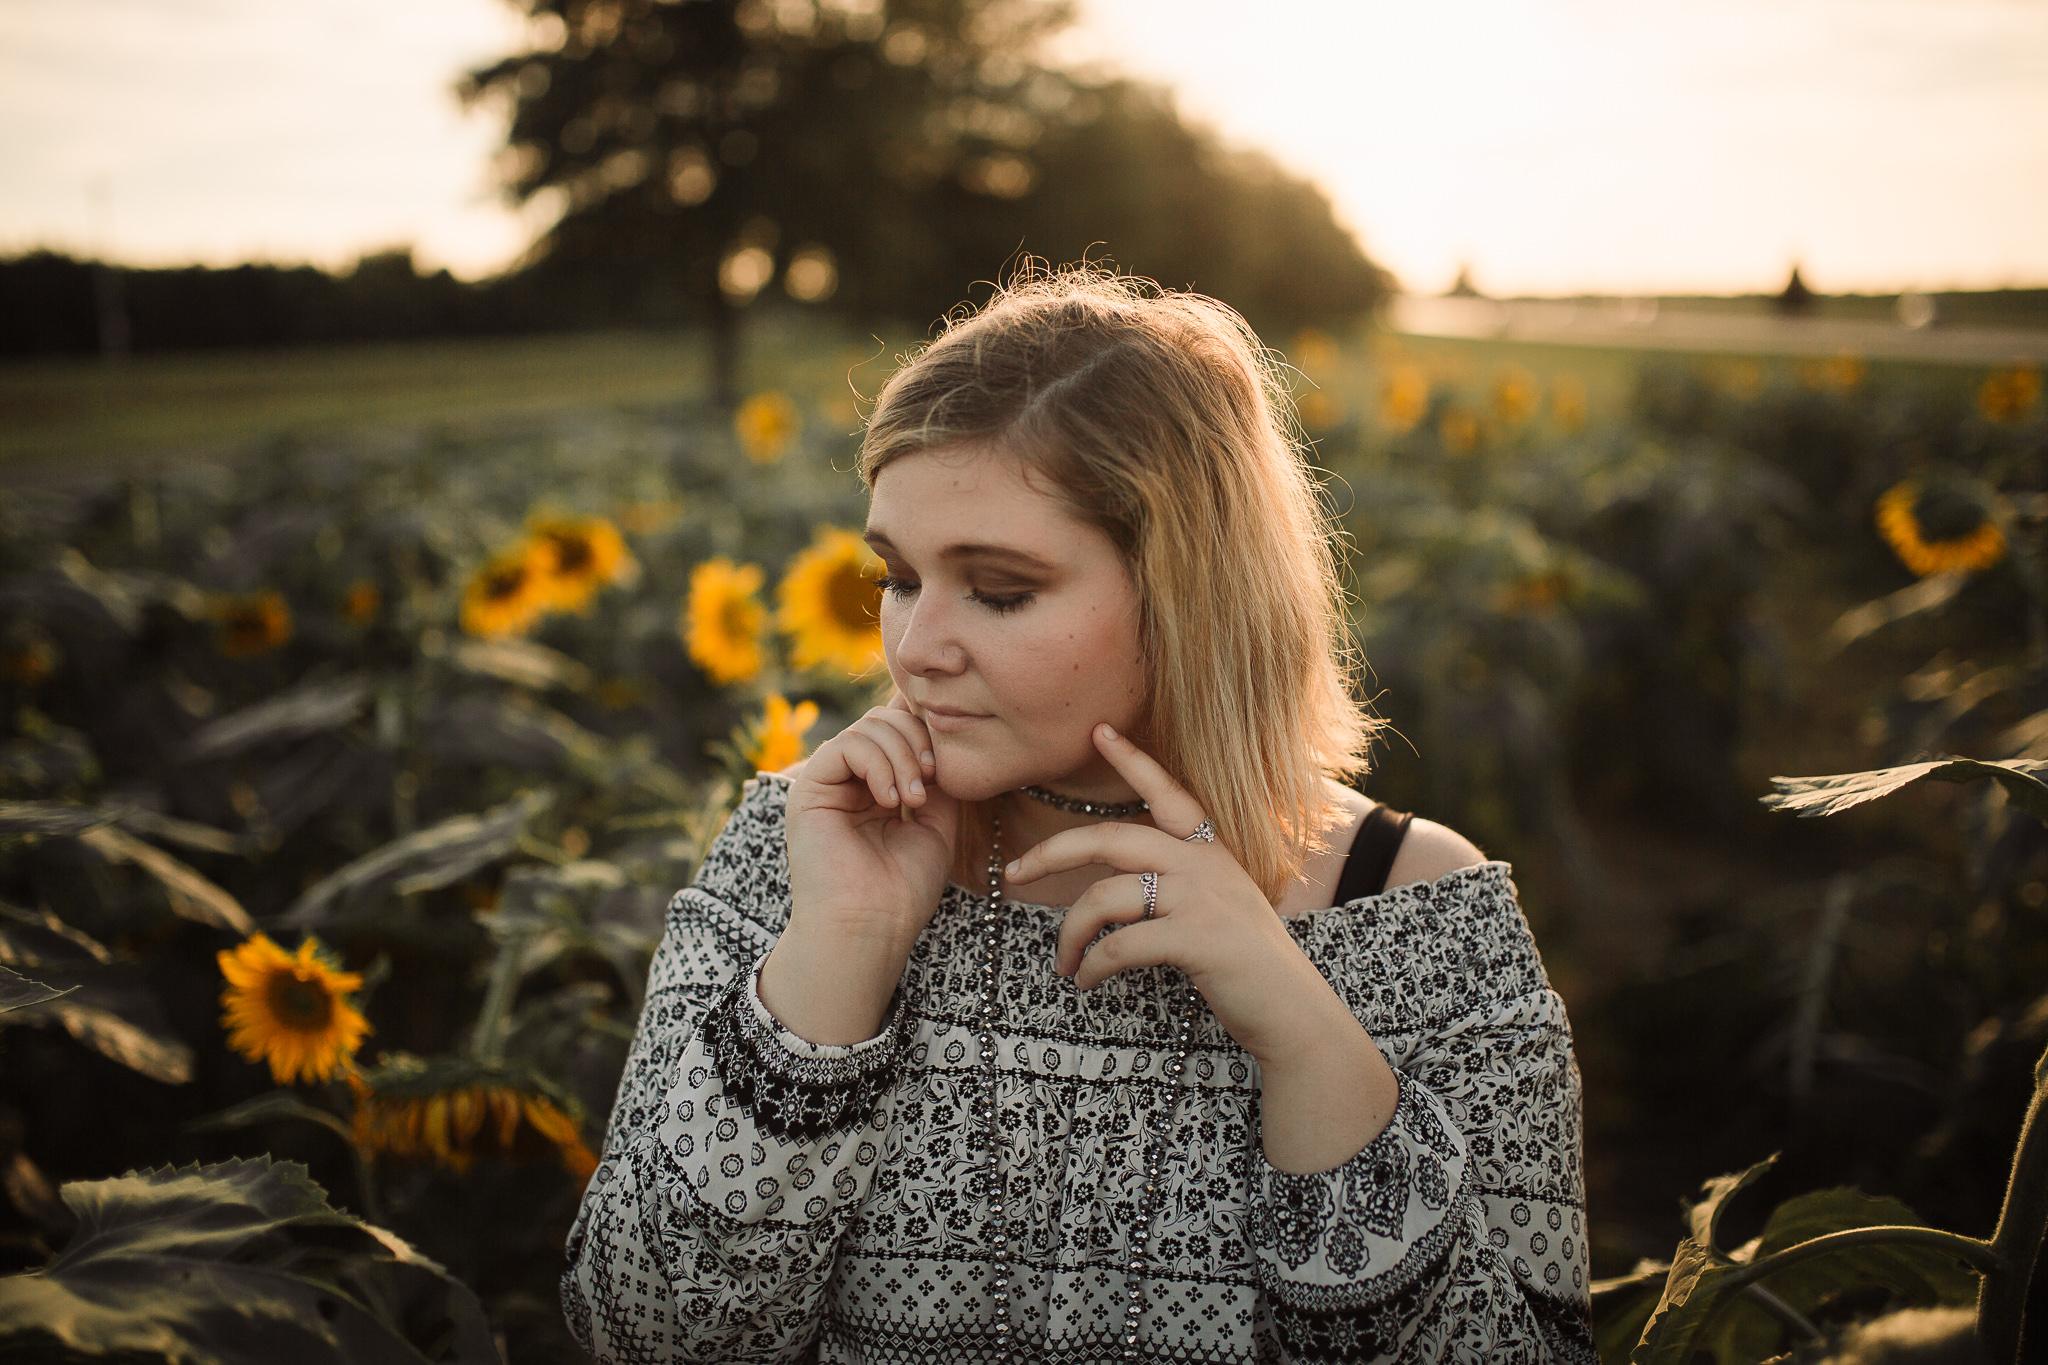 memphis-senior-photographer-sunflower-field-11.jpg